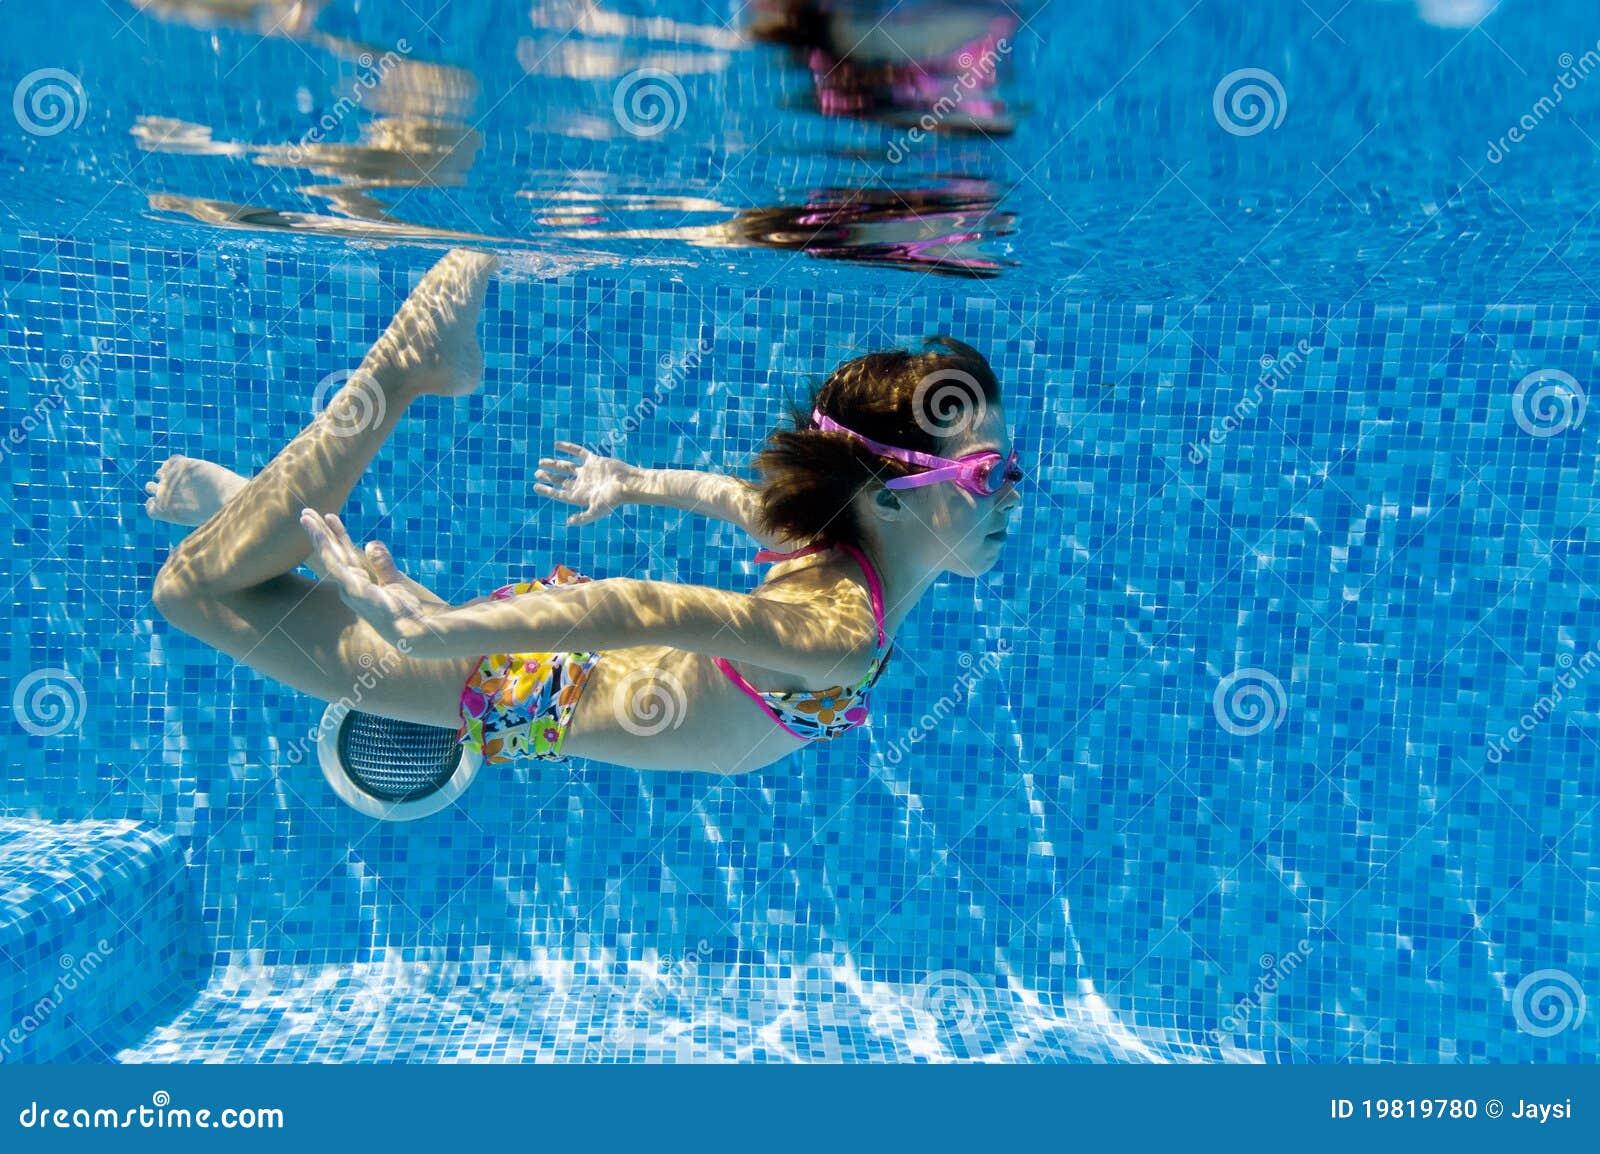 child swimming underwater - photo #11